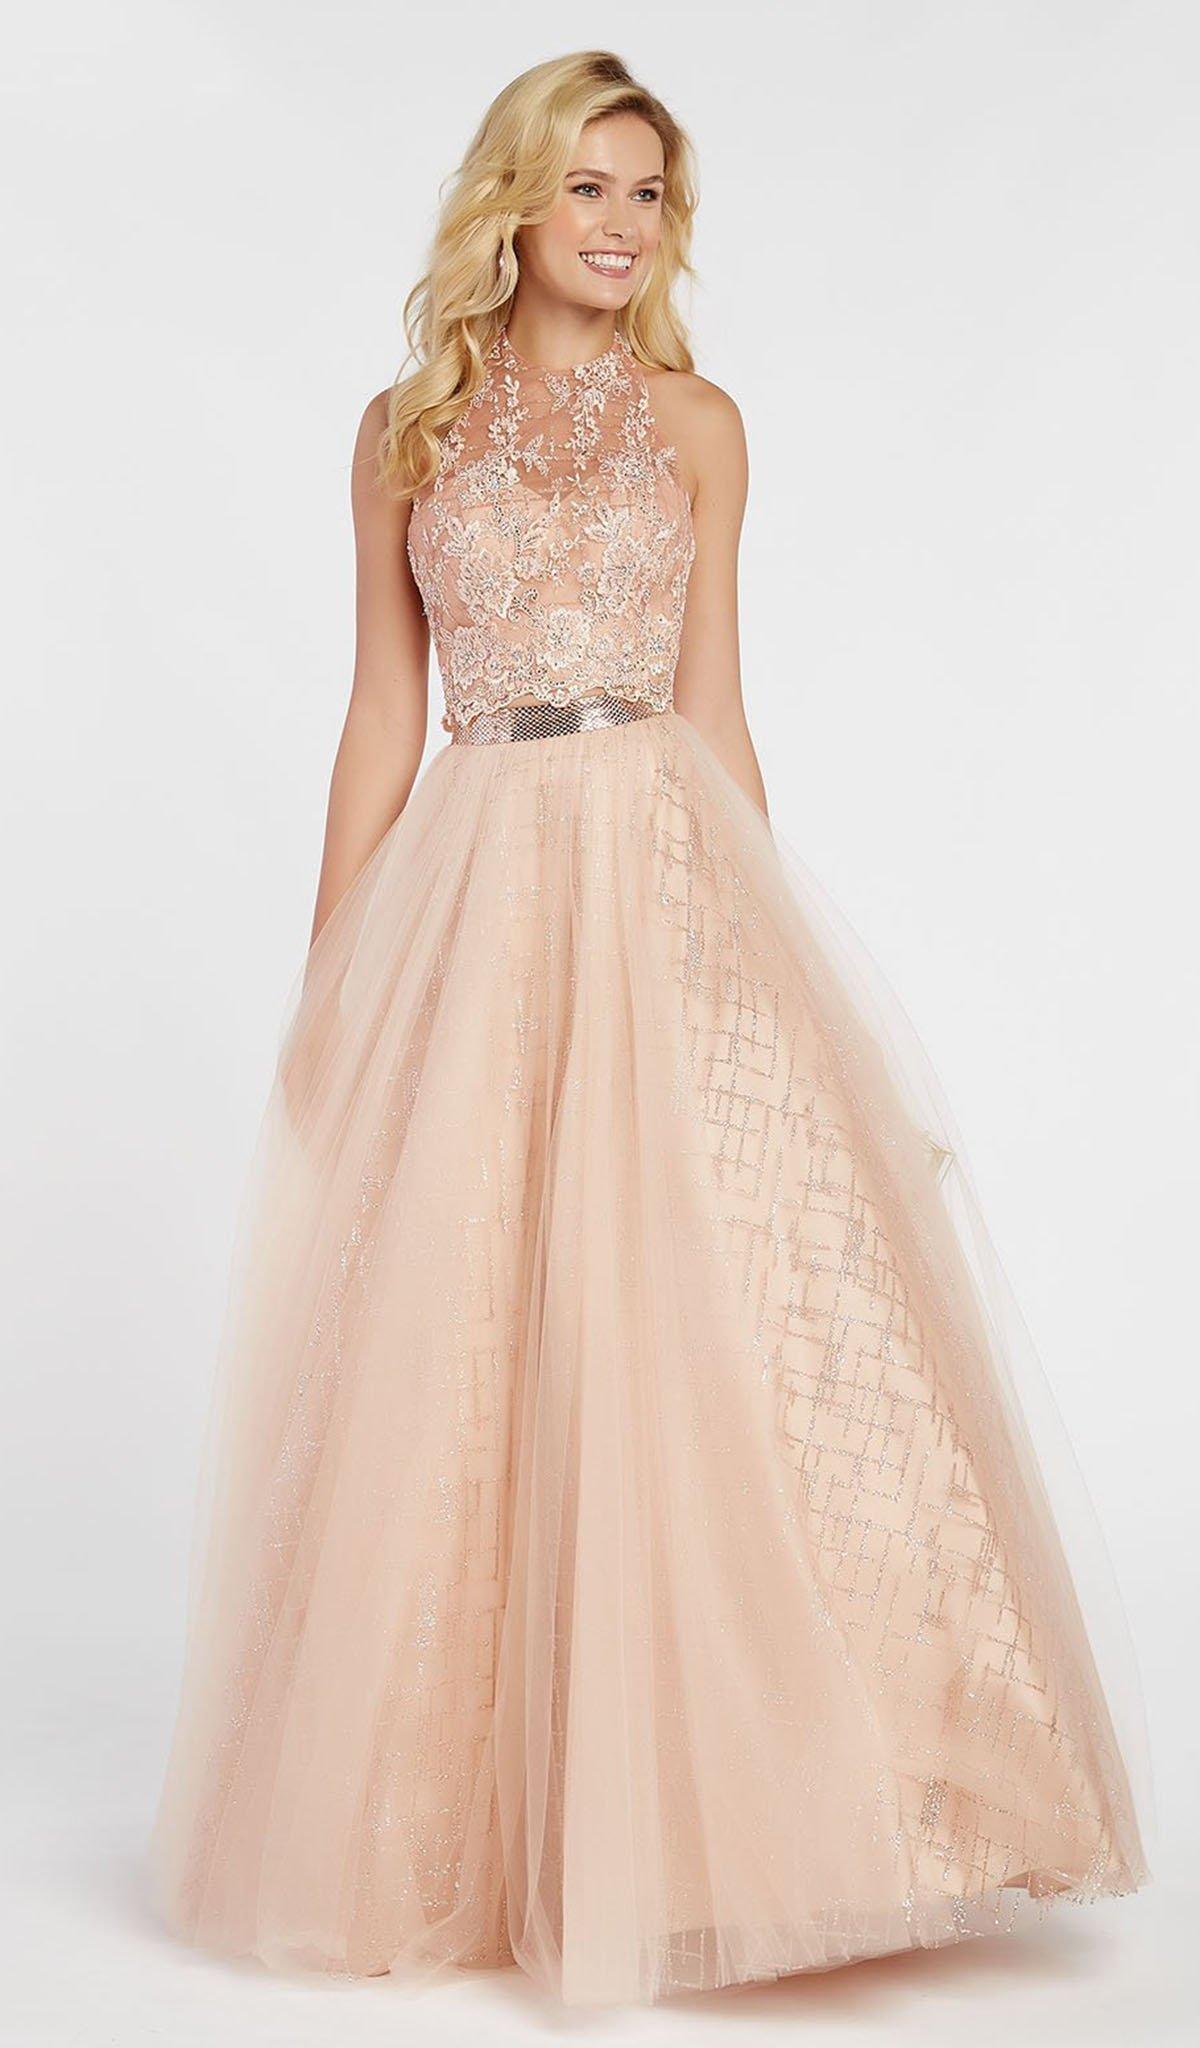 Alyce Paris - 60561 Floral Appliqued Illusion Halter A-Line Gown